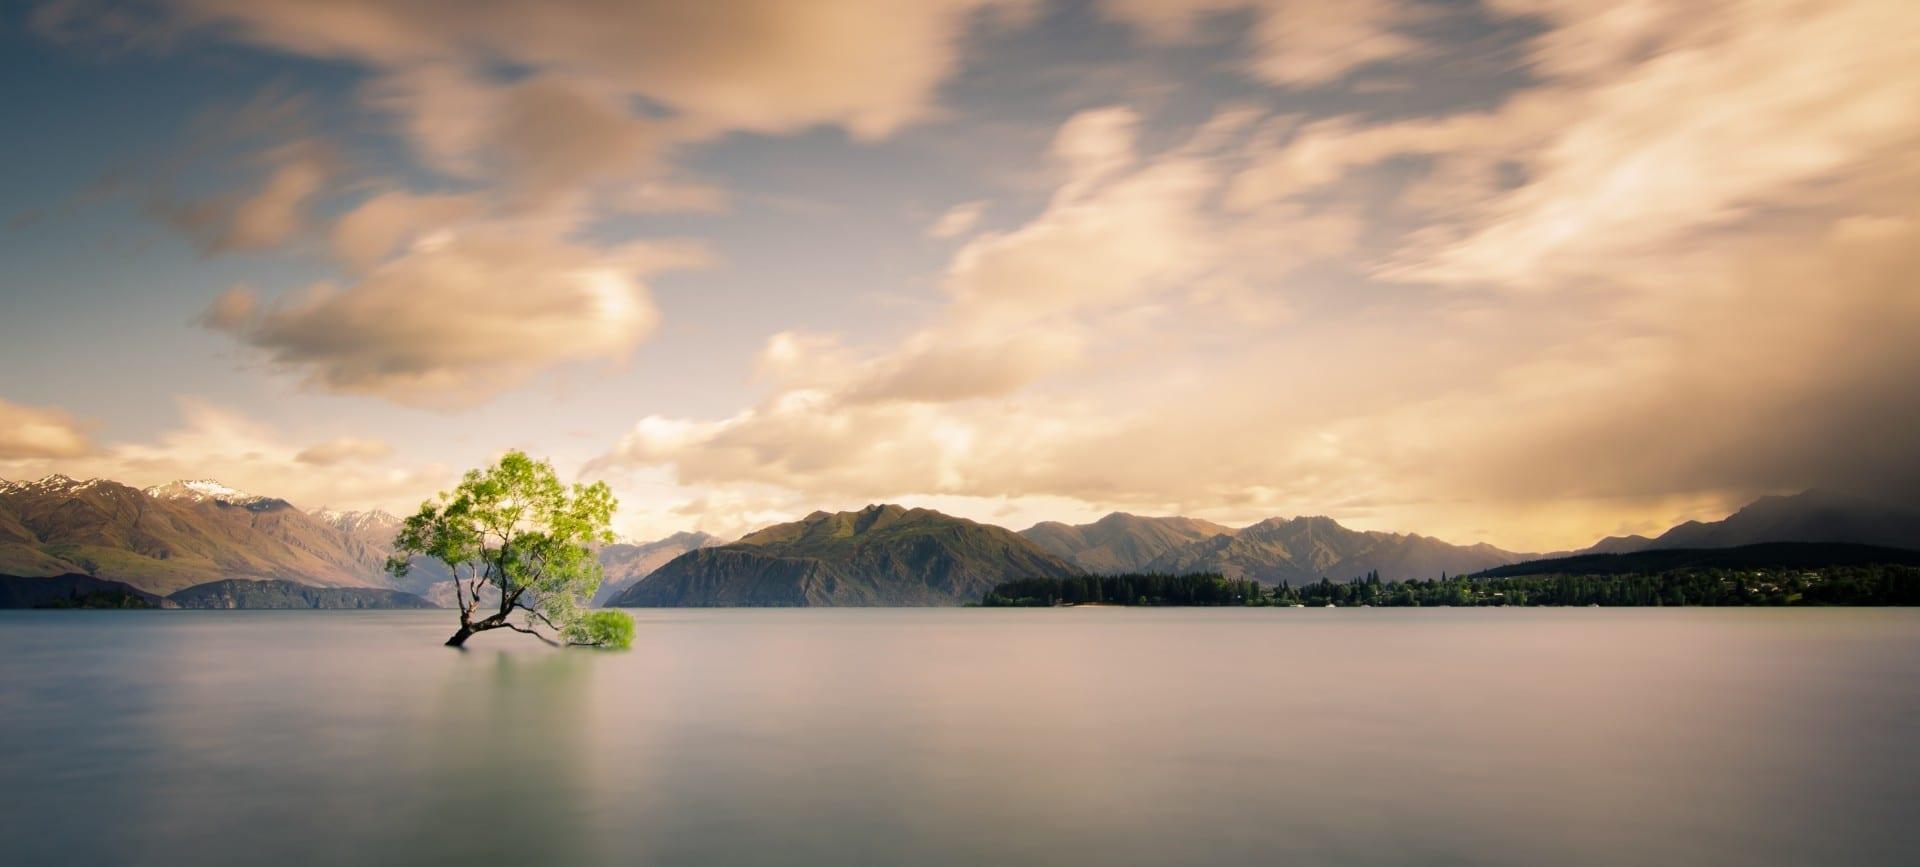 Los veranos en Wanaka tienen vistas pintorescas como este árbol Wanaka Nueva Zelanda